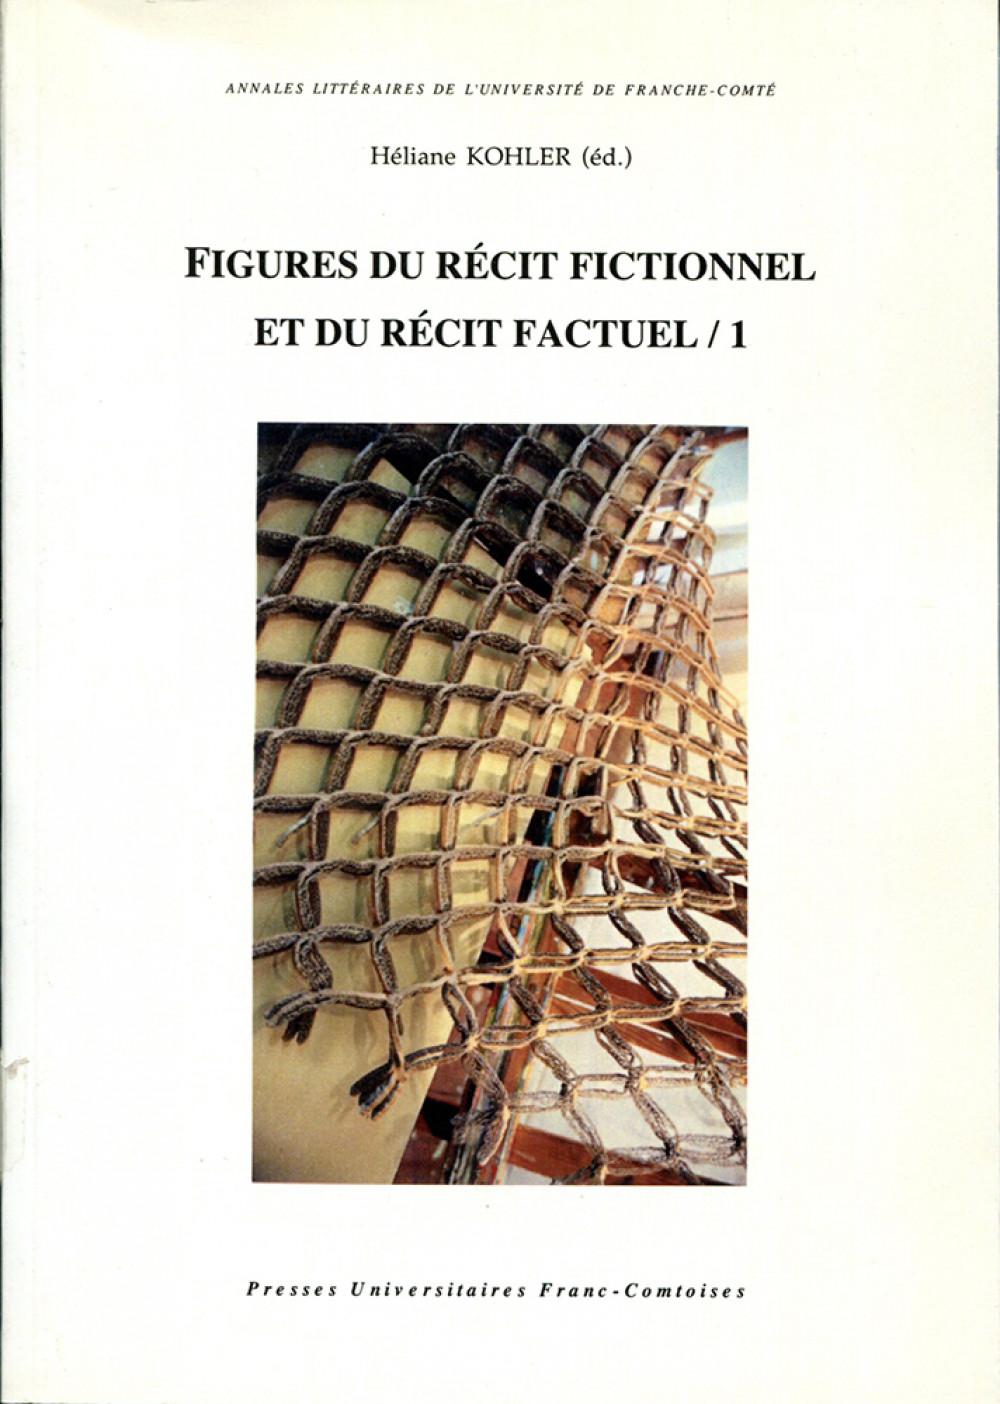 Figures du récit fictionnel et du récit factuel /1